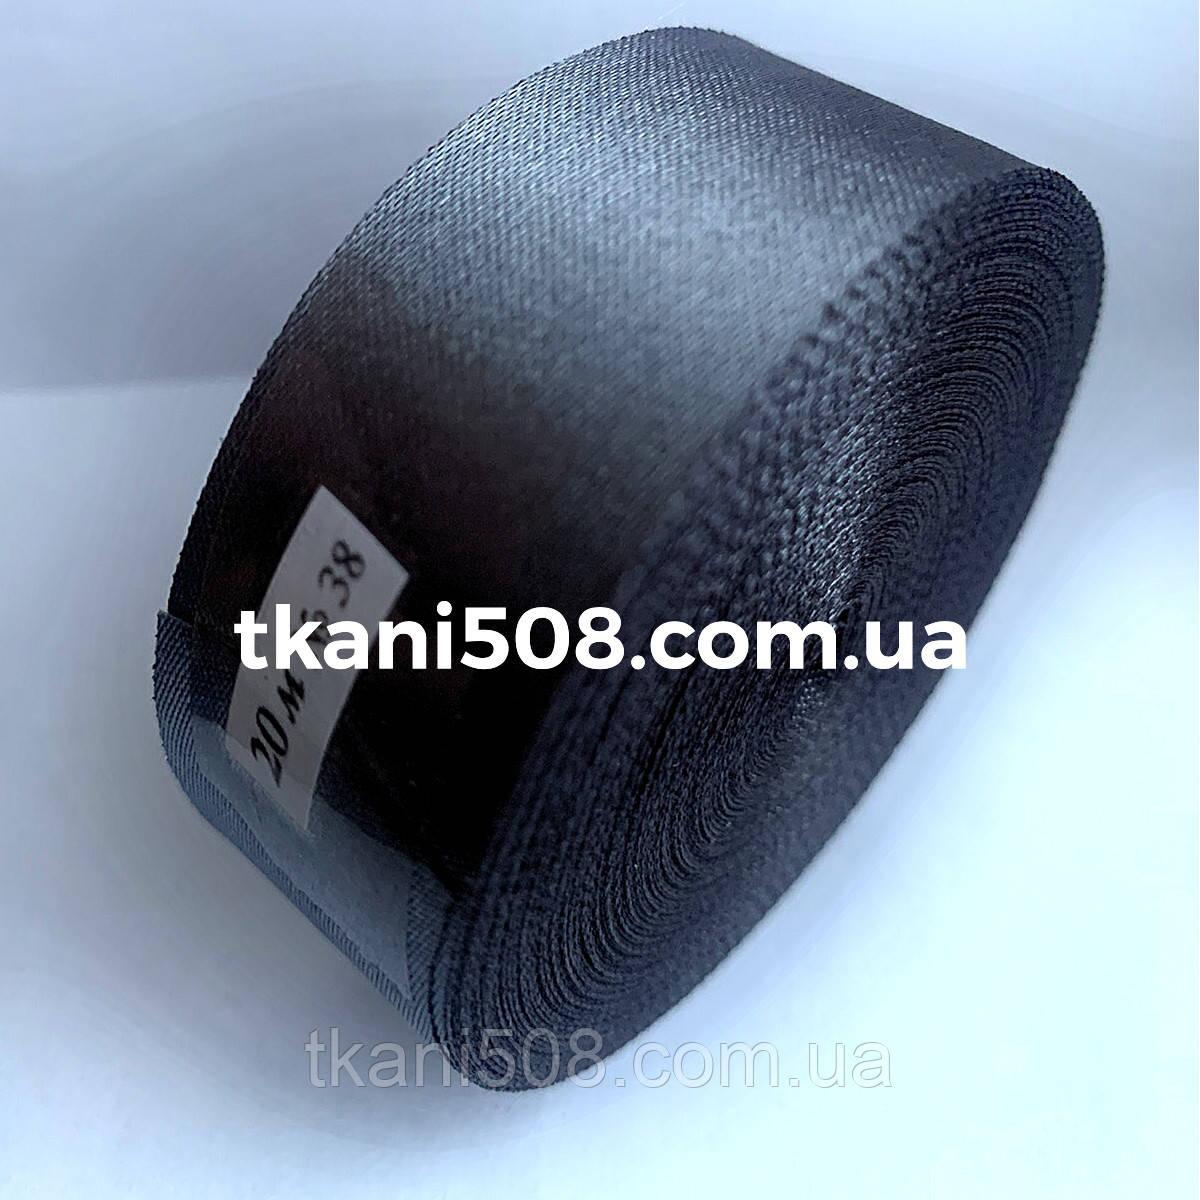 Атласна стрічка 2,5 см, колір темно-сірий